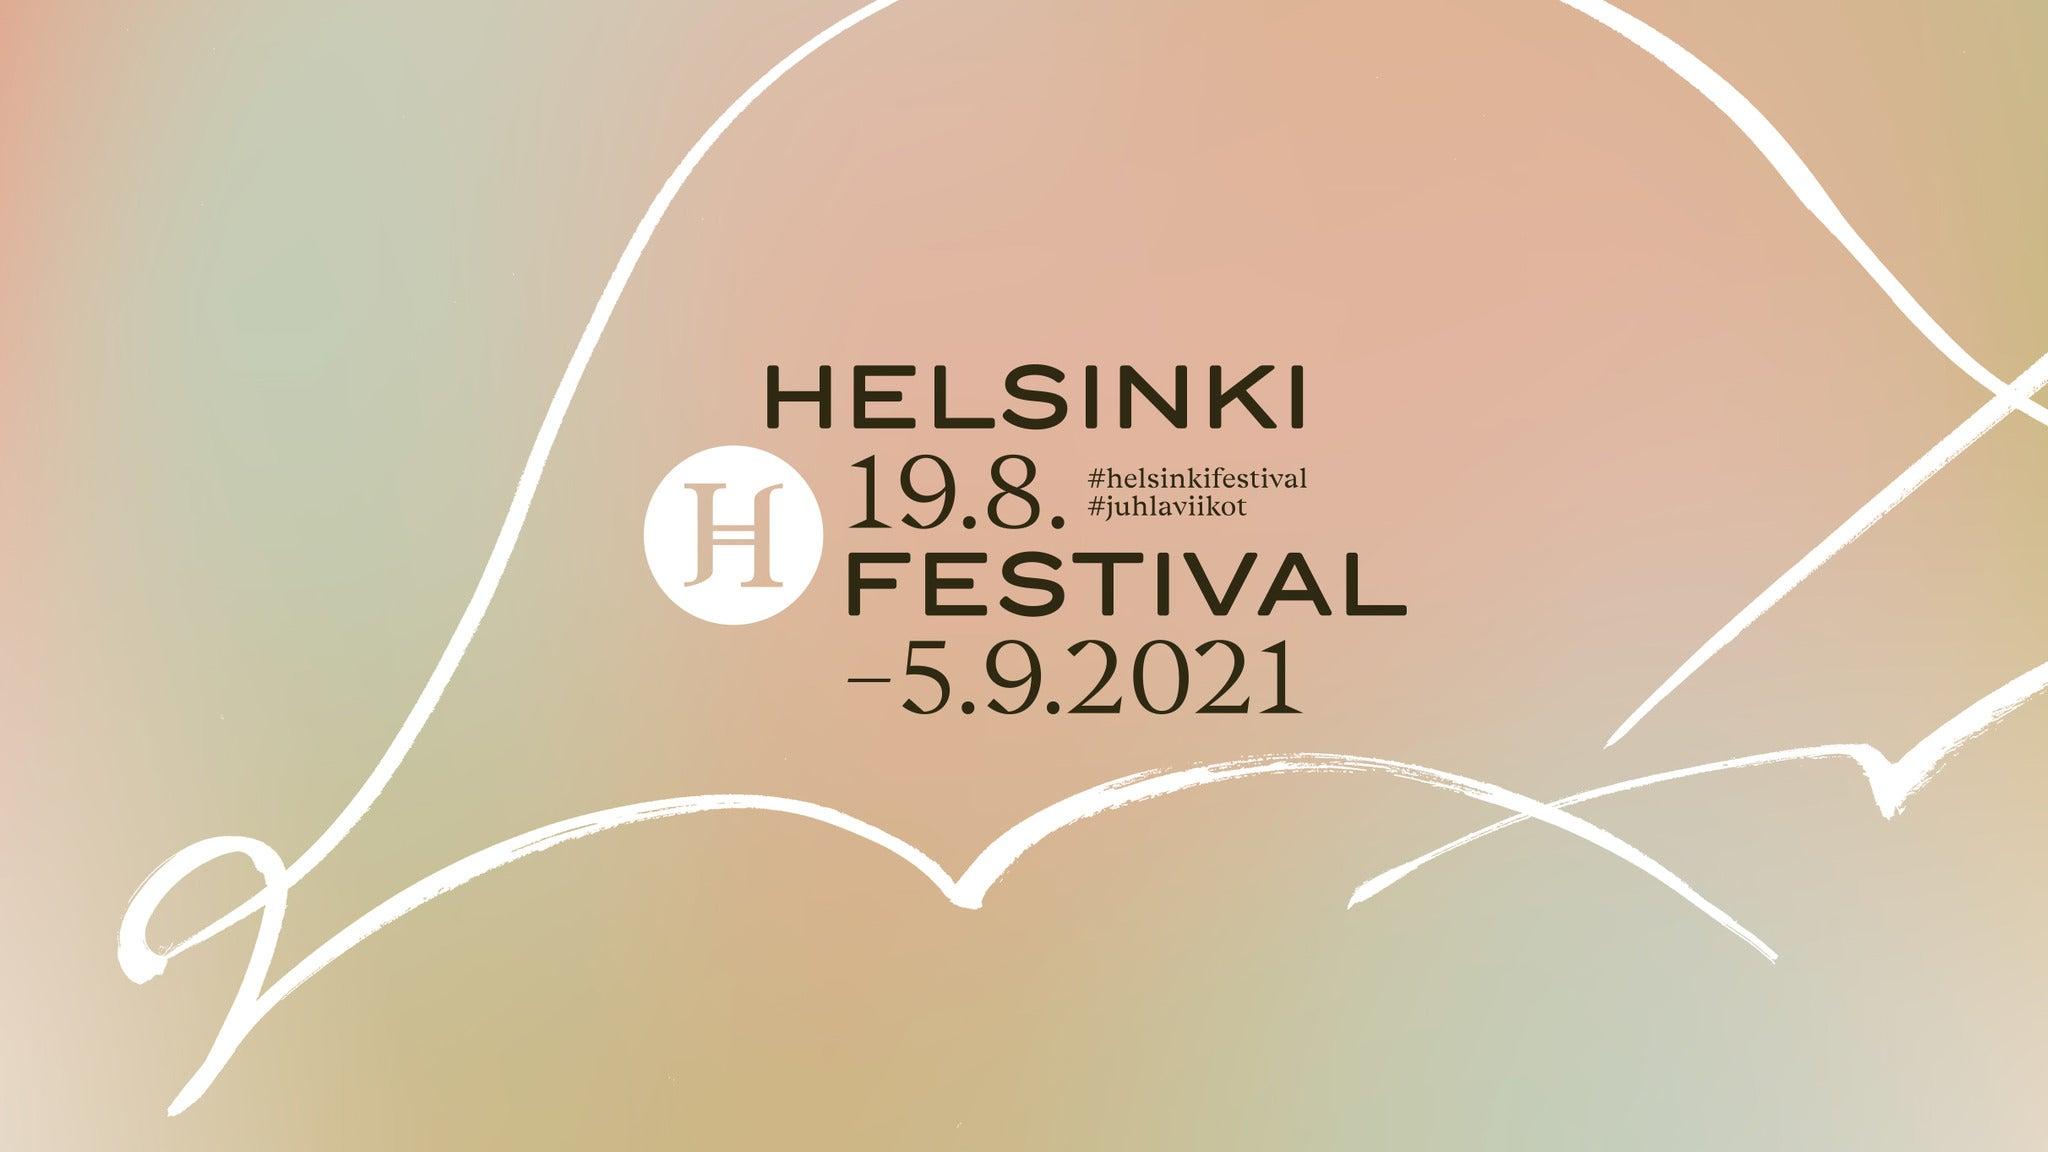 Helsinki Festival 2021: J. Karjalainen